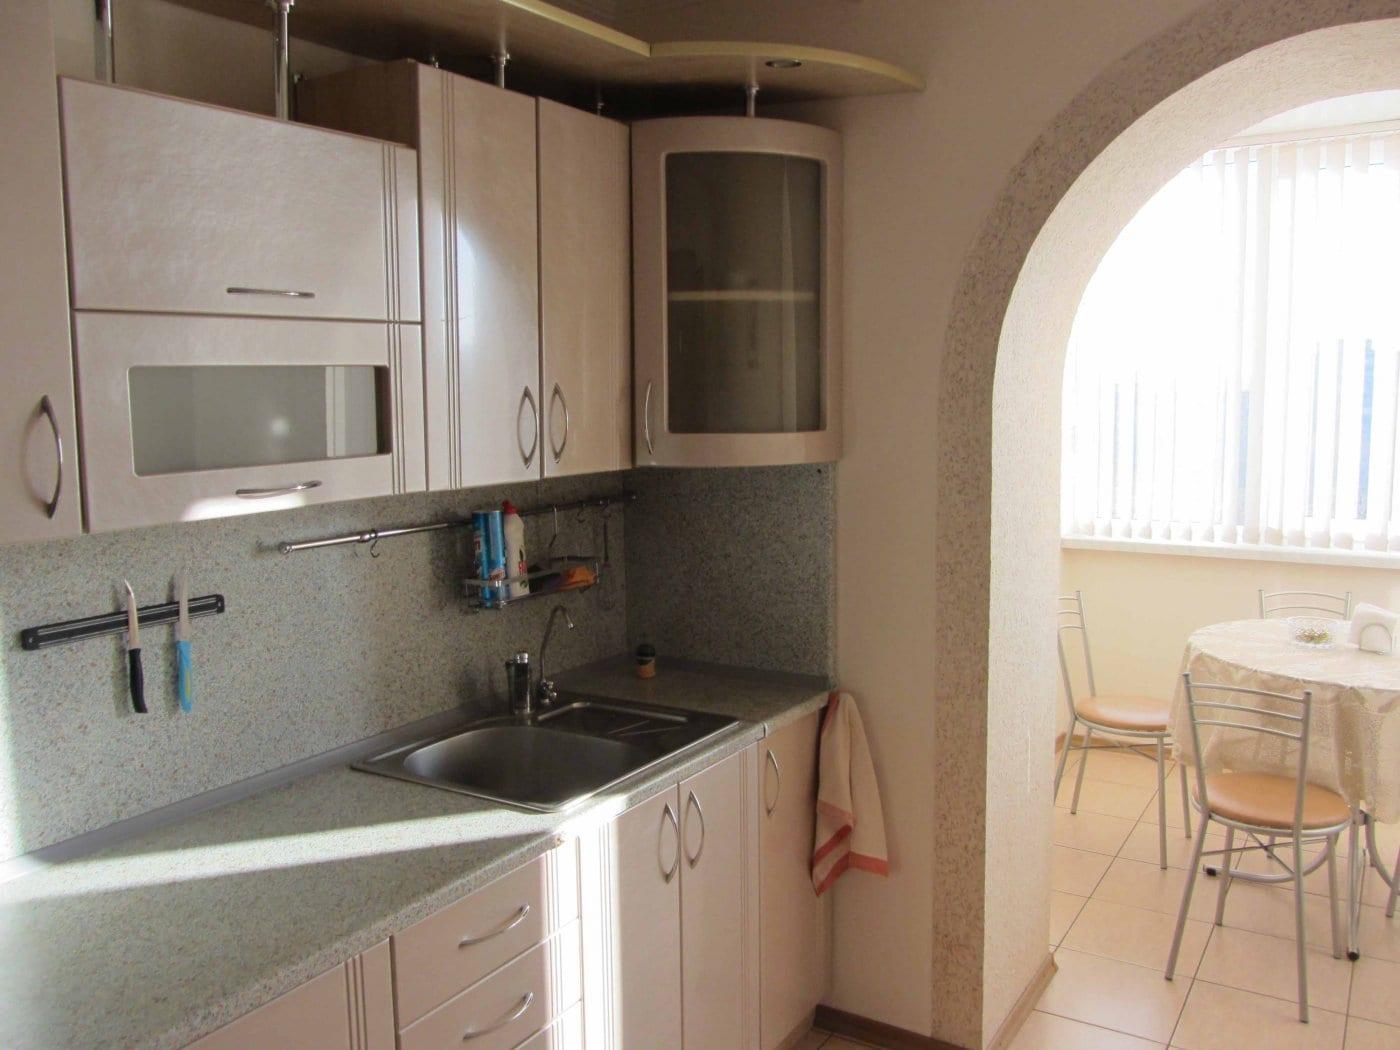 Дизайн кухни с балконом: все идеи в одном месте